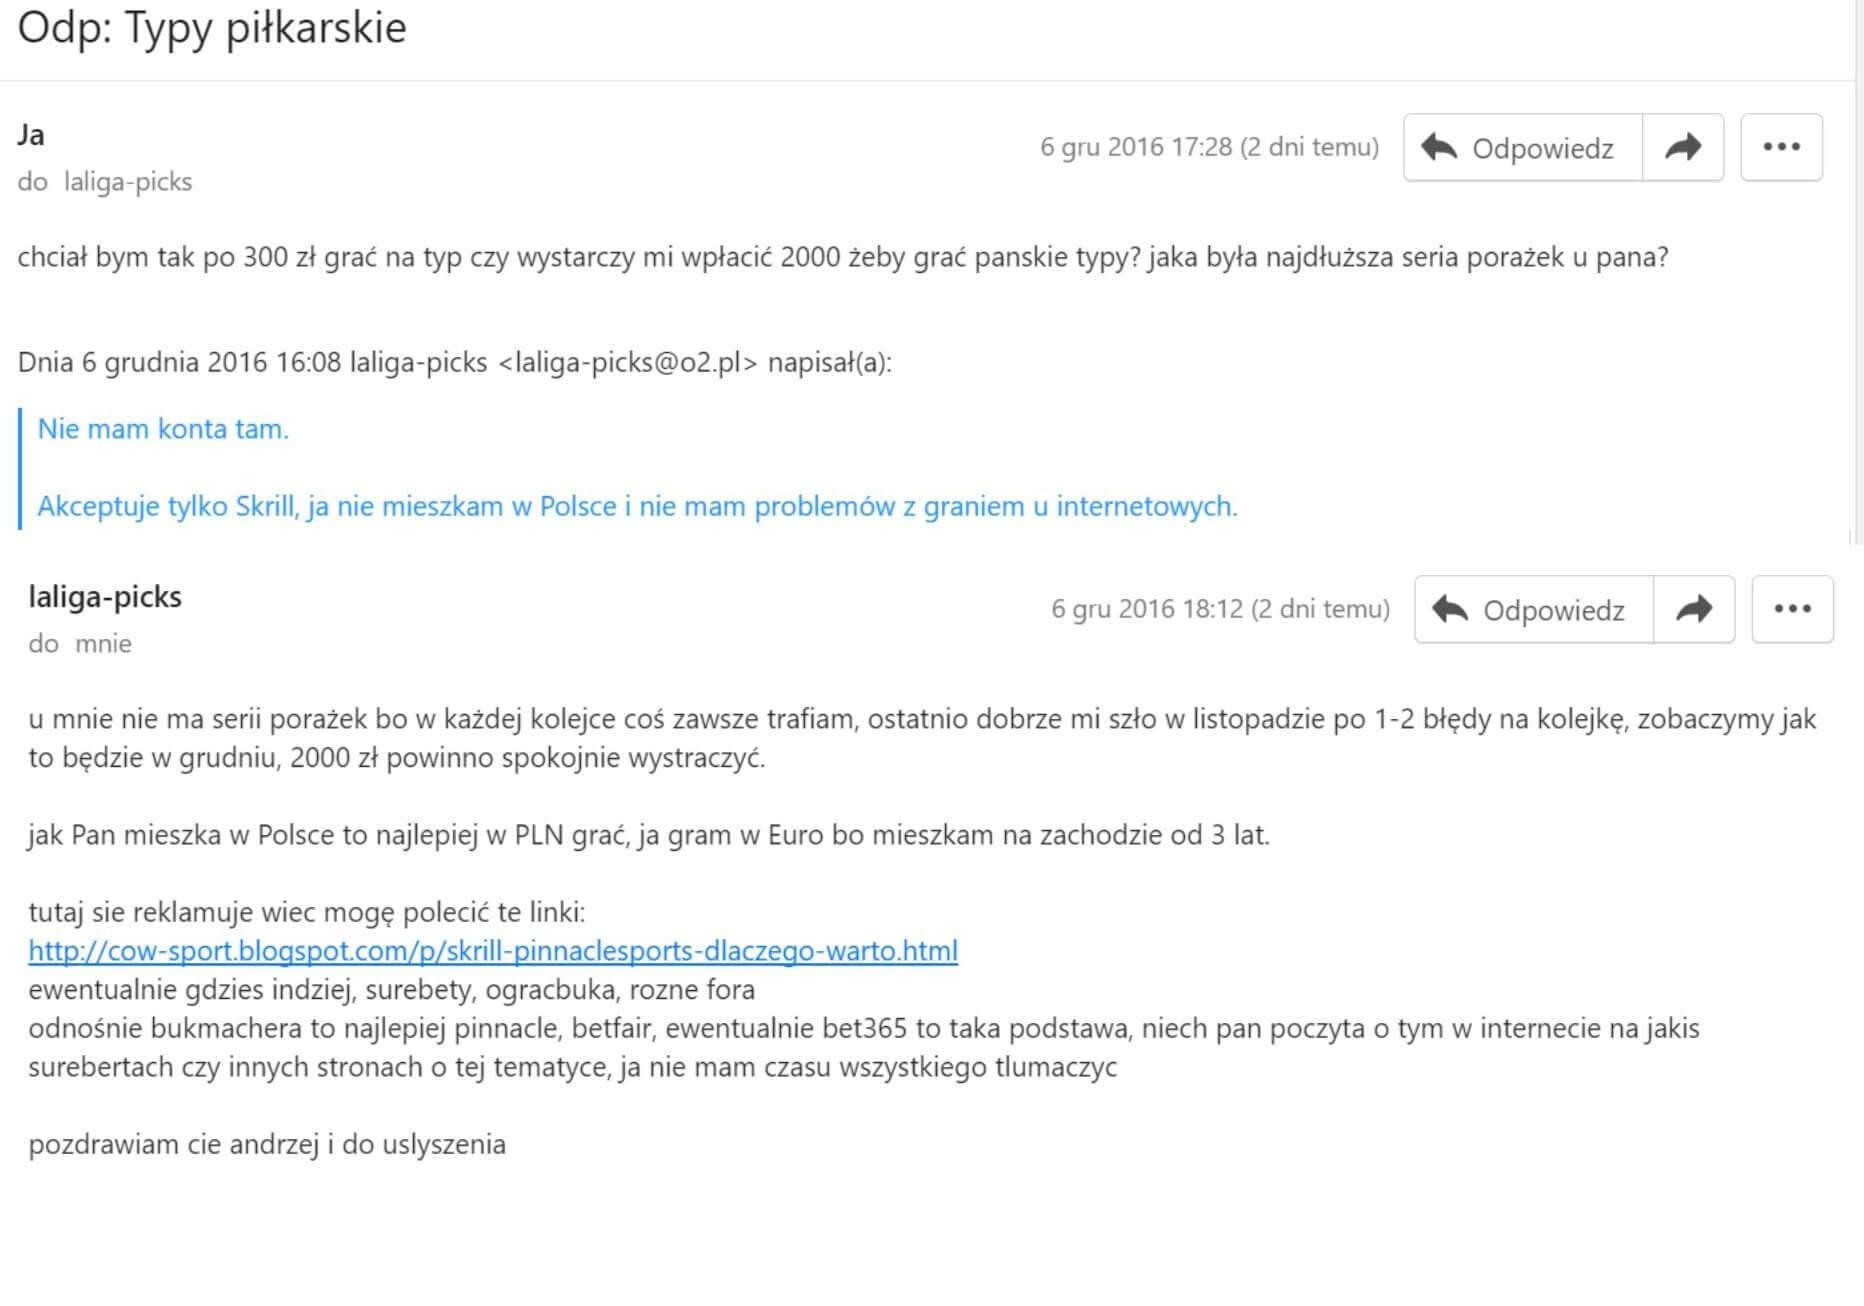 21-email-laliga-seria-porazek.jpg